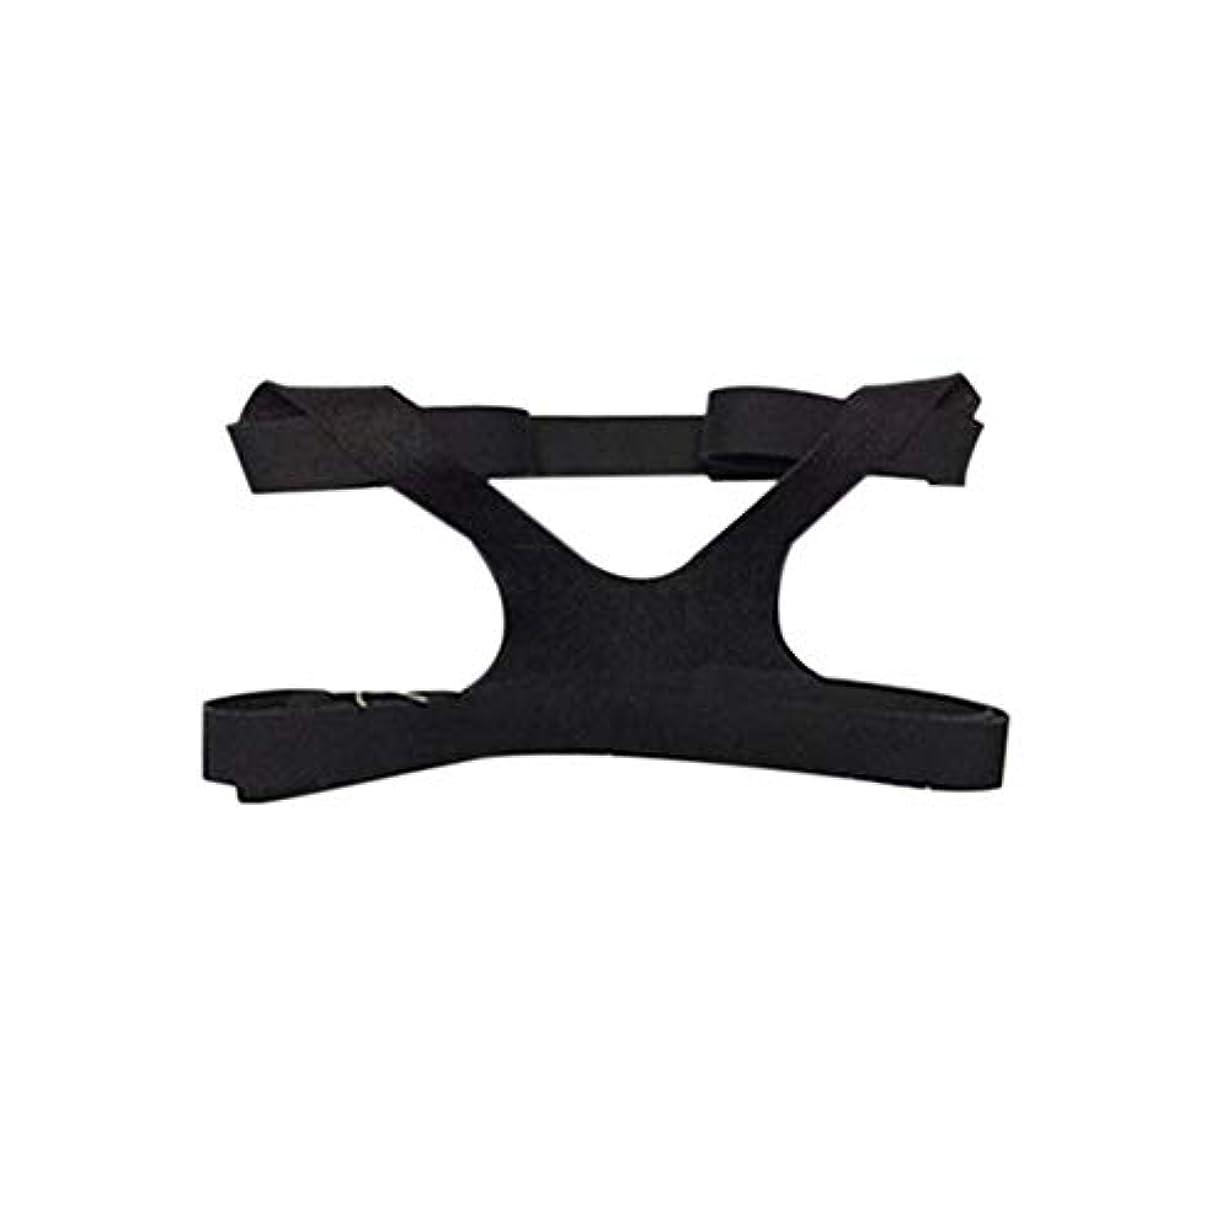 ブッシュ性的不潔ユニバーサルデザインヘッドギアコンフォートジェルフルマスク安全な環境での交換用CPAPヘッドバンドなしPHILPS - ブラック